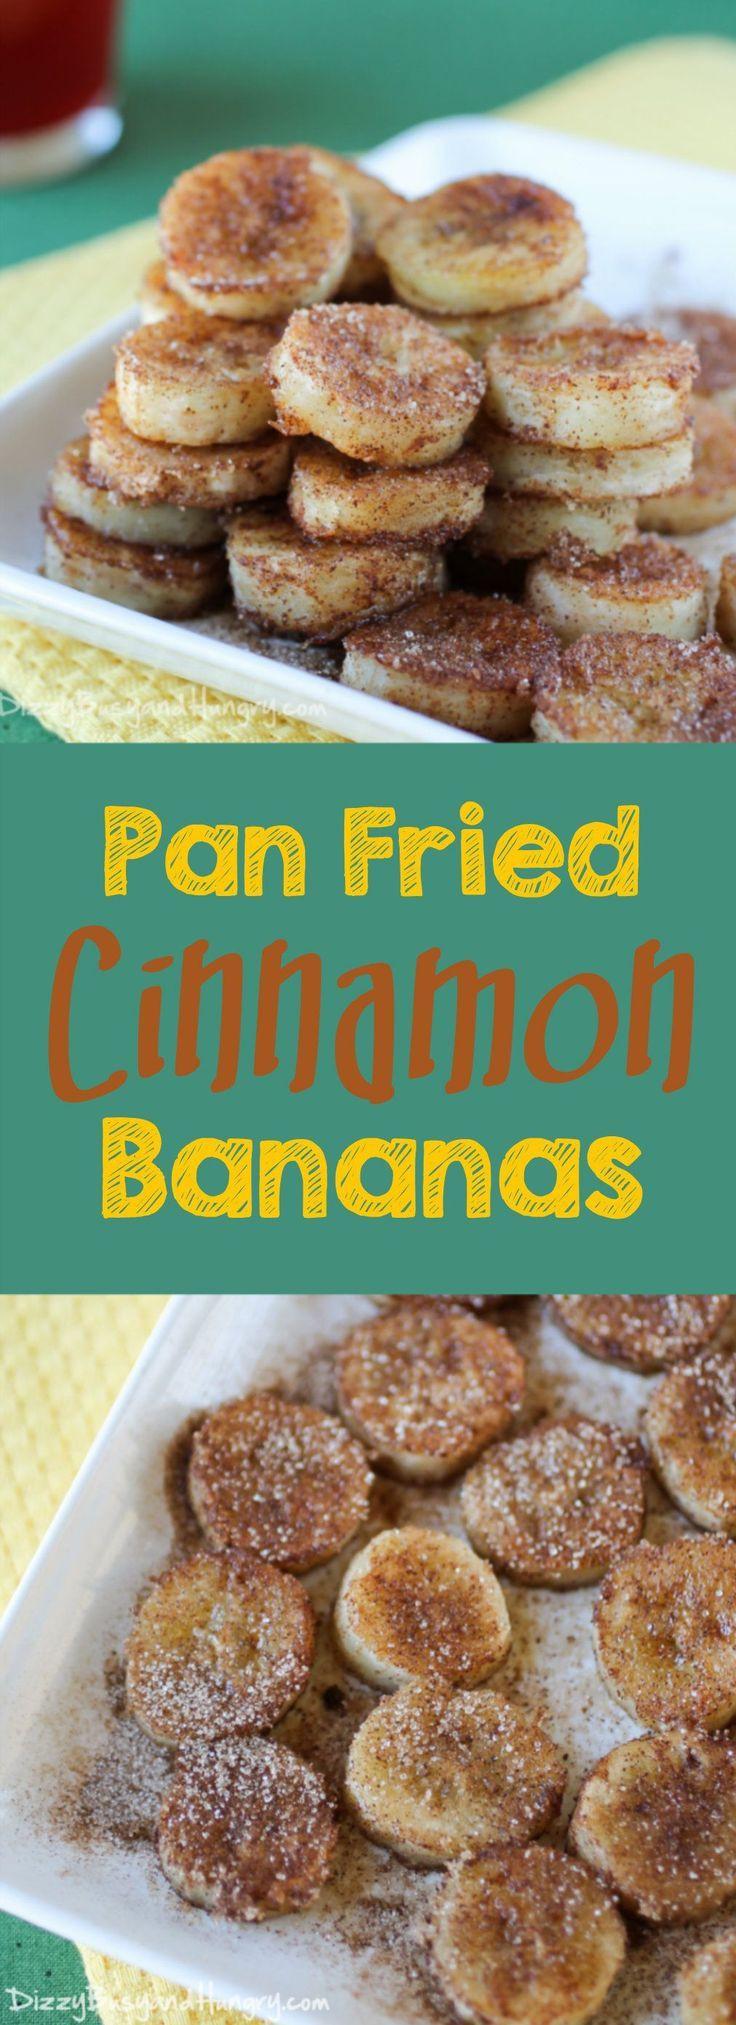 Easy Banana Recipes Healthy  100 Recipes For Overripe Bananas on Pinterest